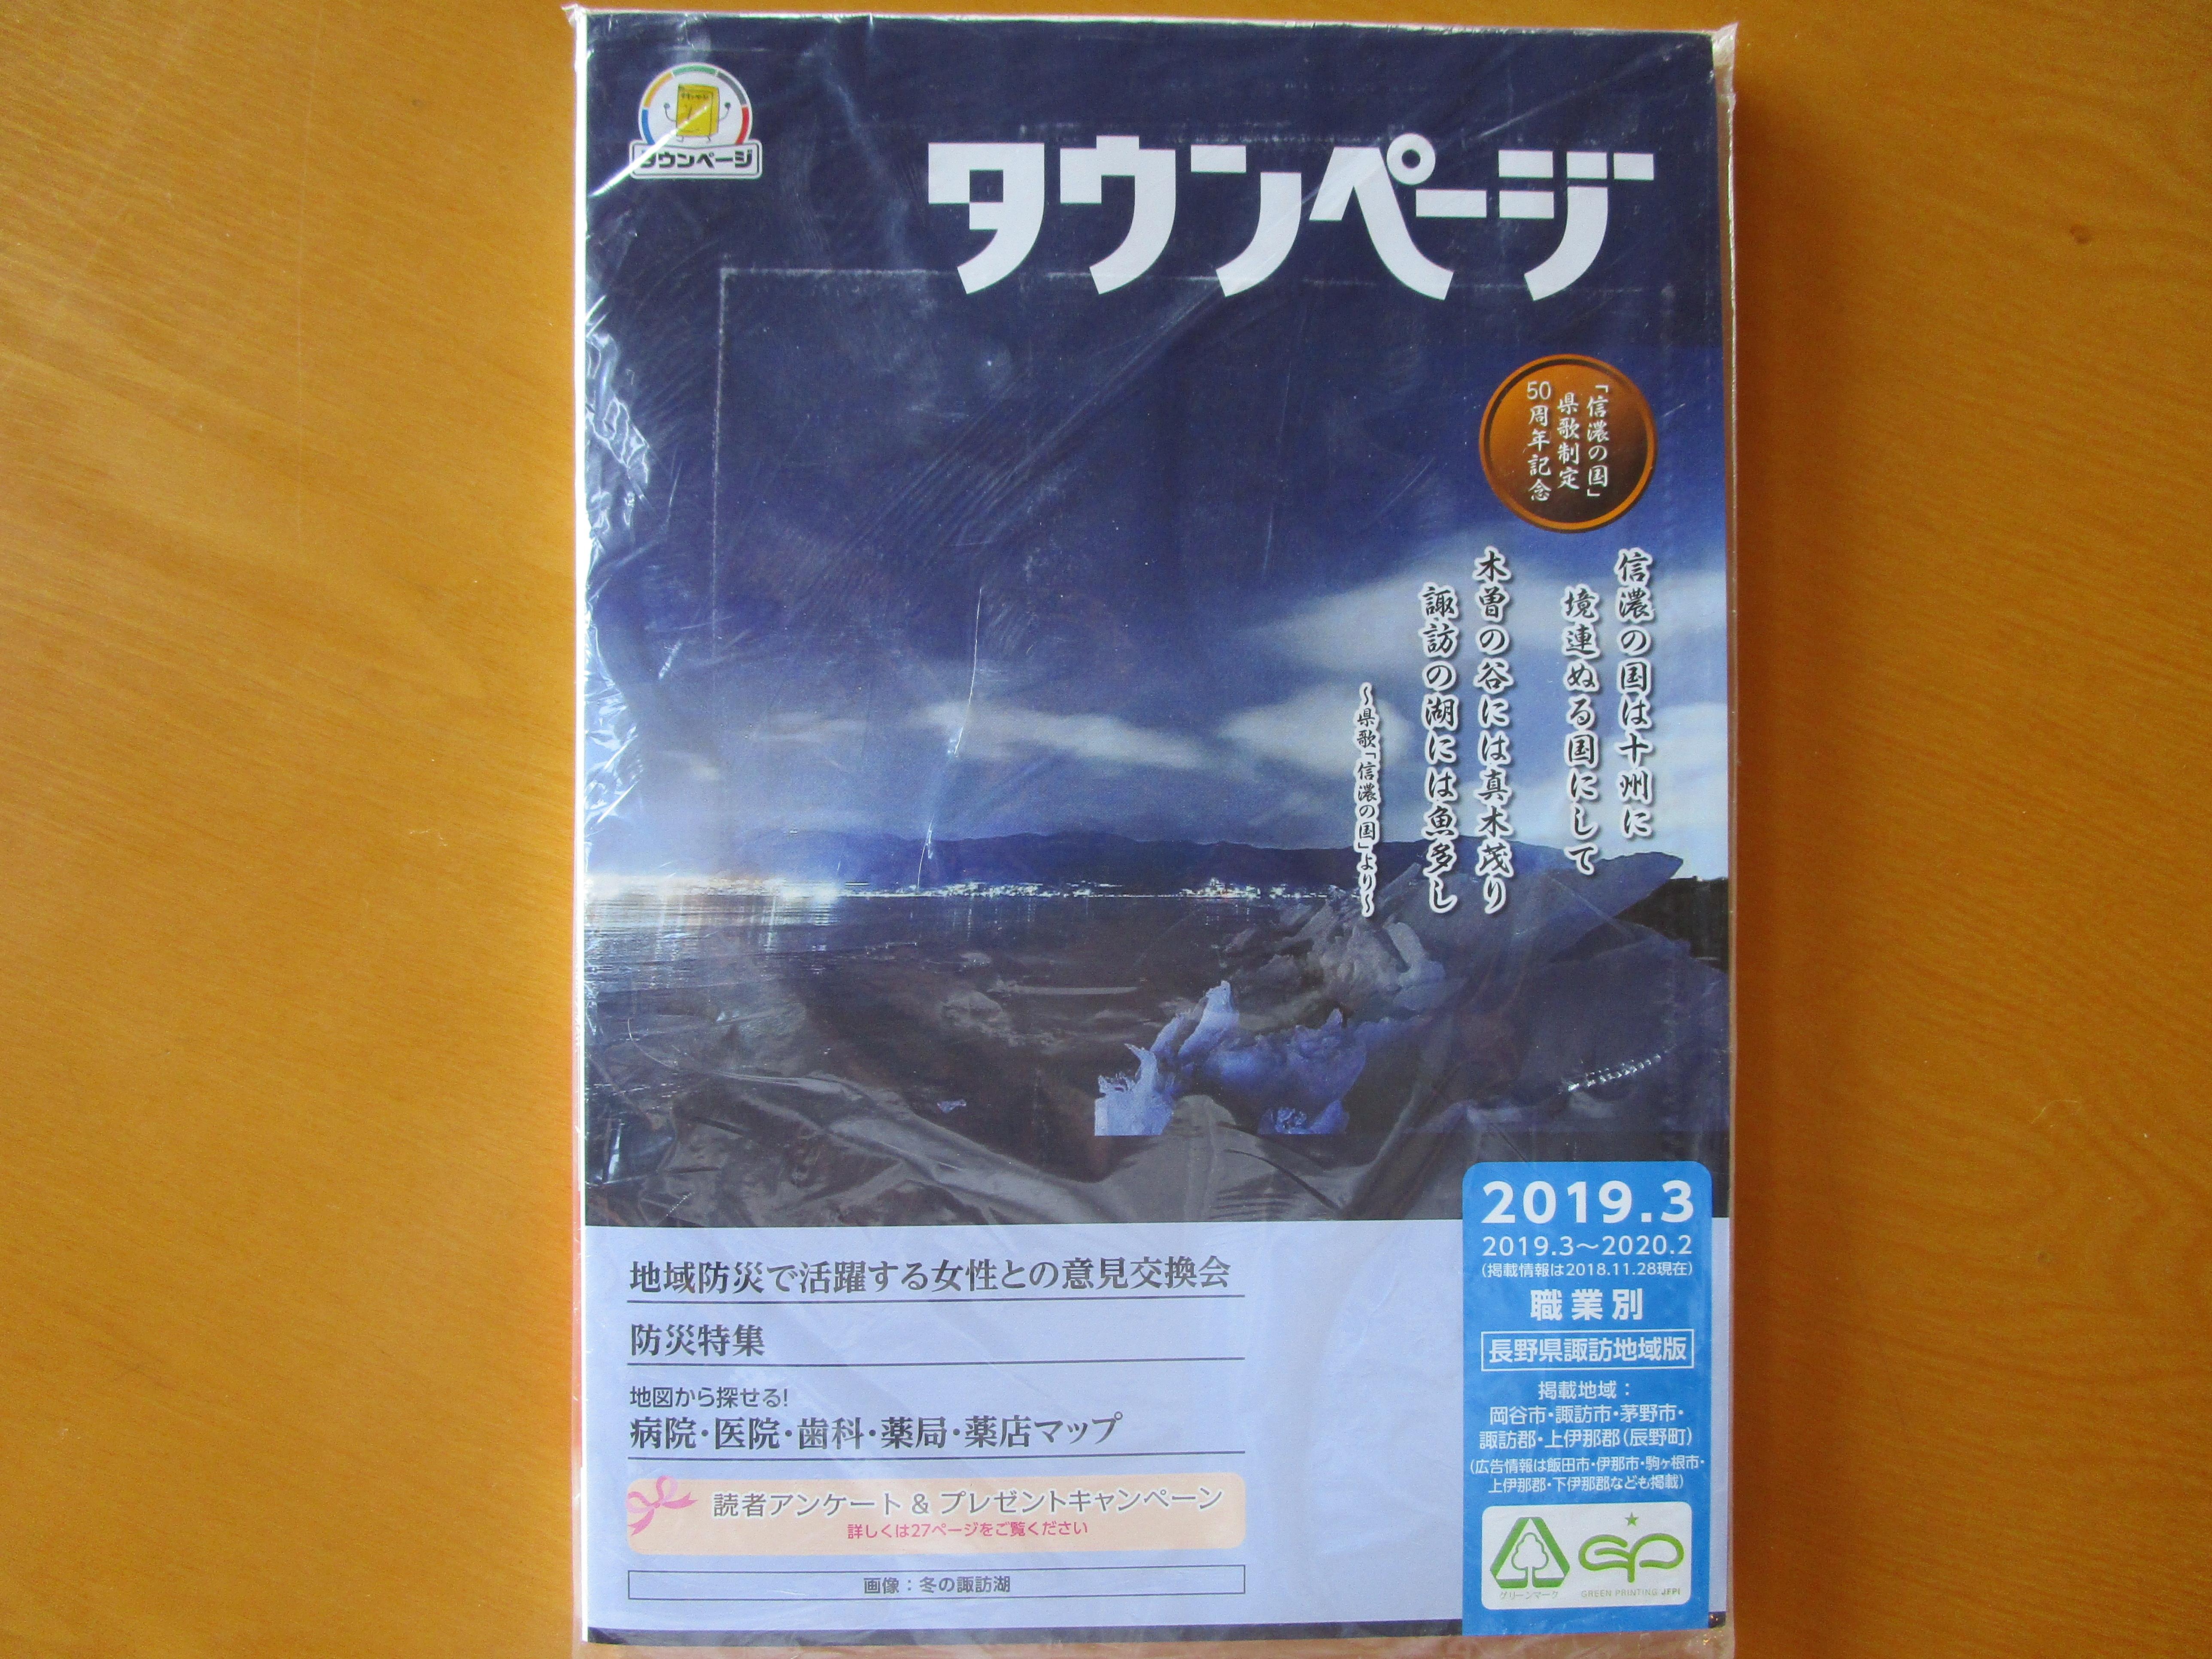 http://www.alpico.co.jp/shikinomori/news/images/c52b0f277b6baaa2d871e1433251419d87e3da44.JPG